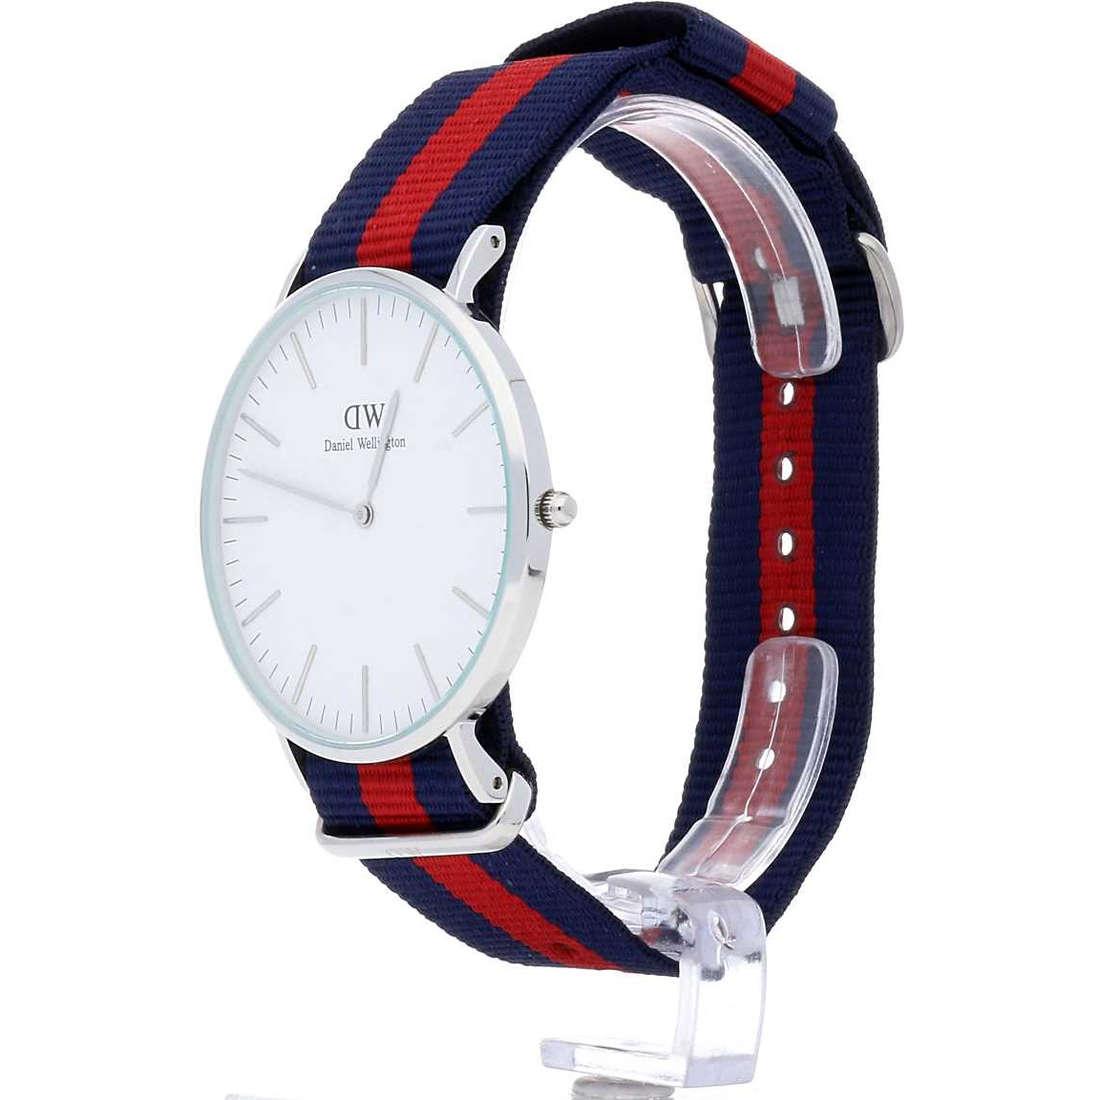 vente montres unisex Daniel Wellington DW00100015